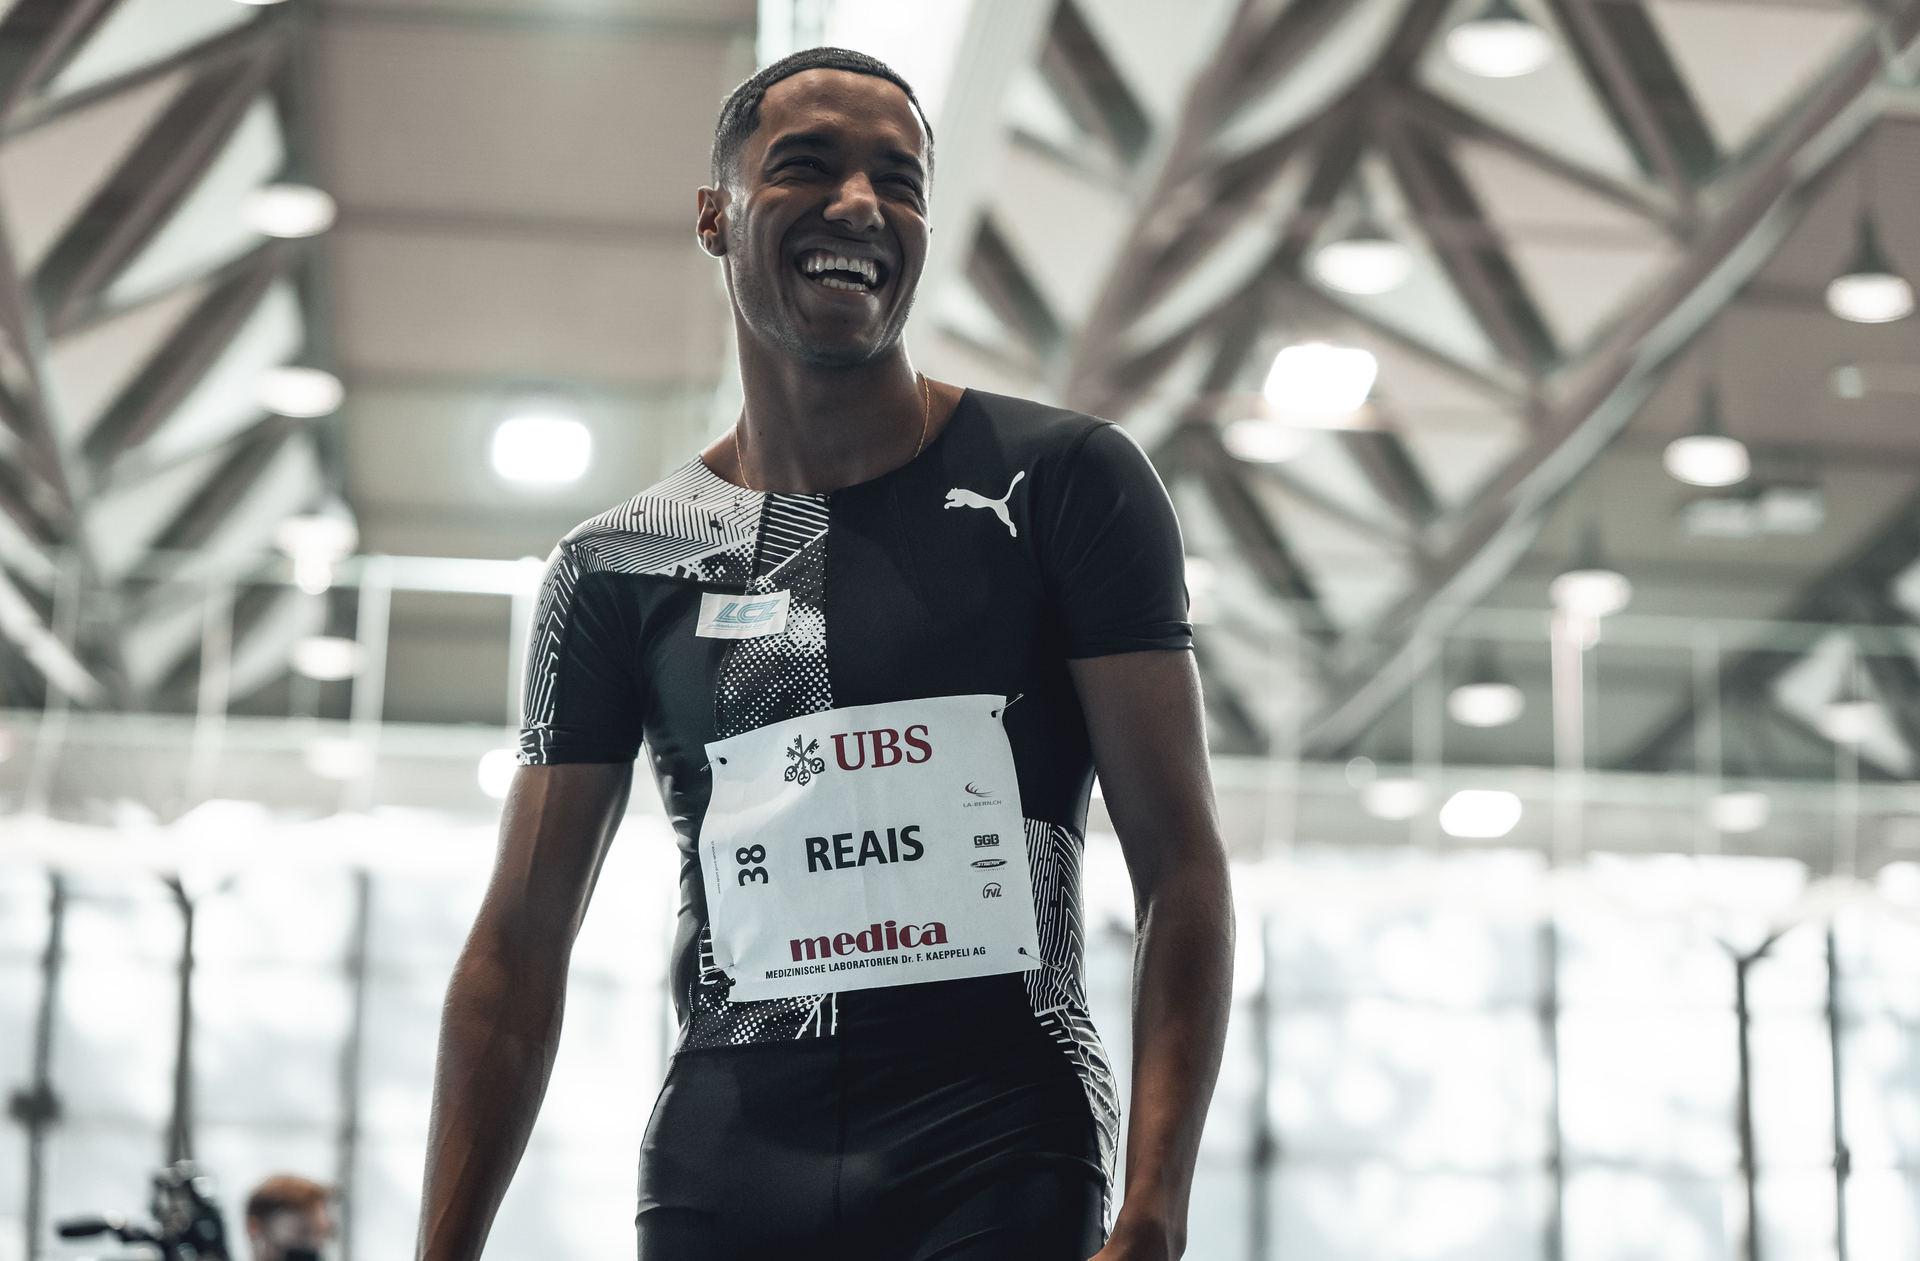 William Reais- Swiss 200m runner